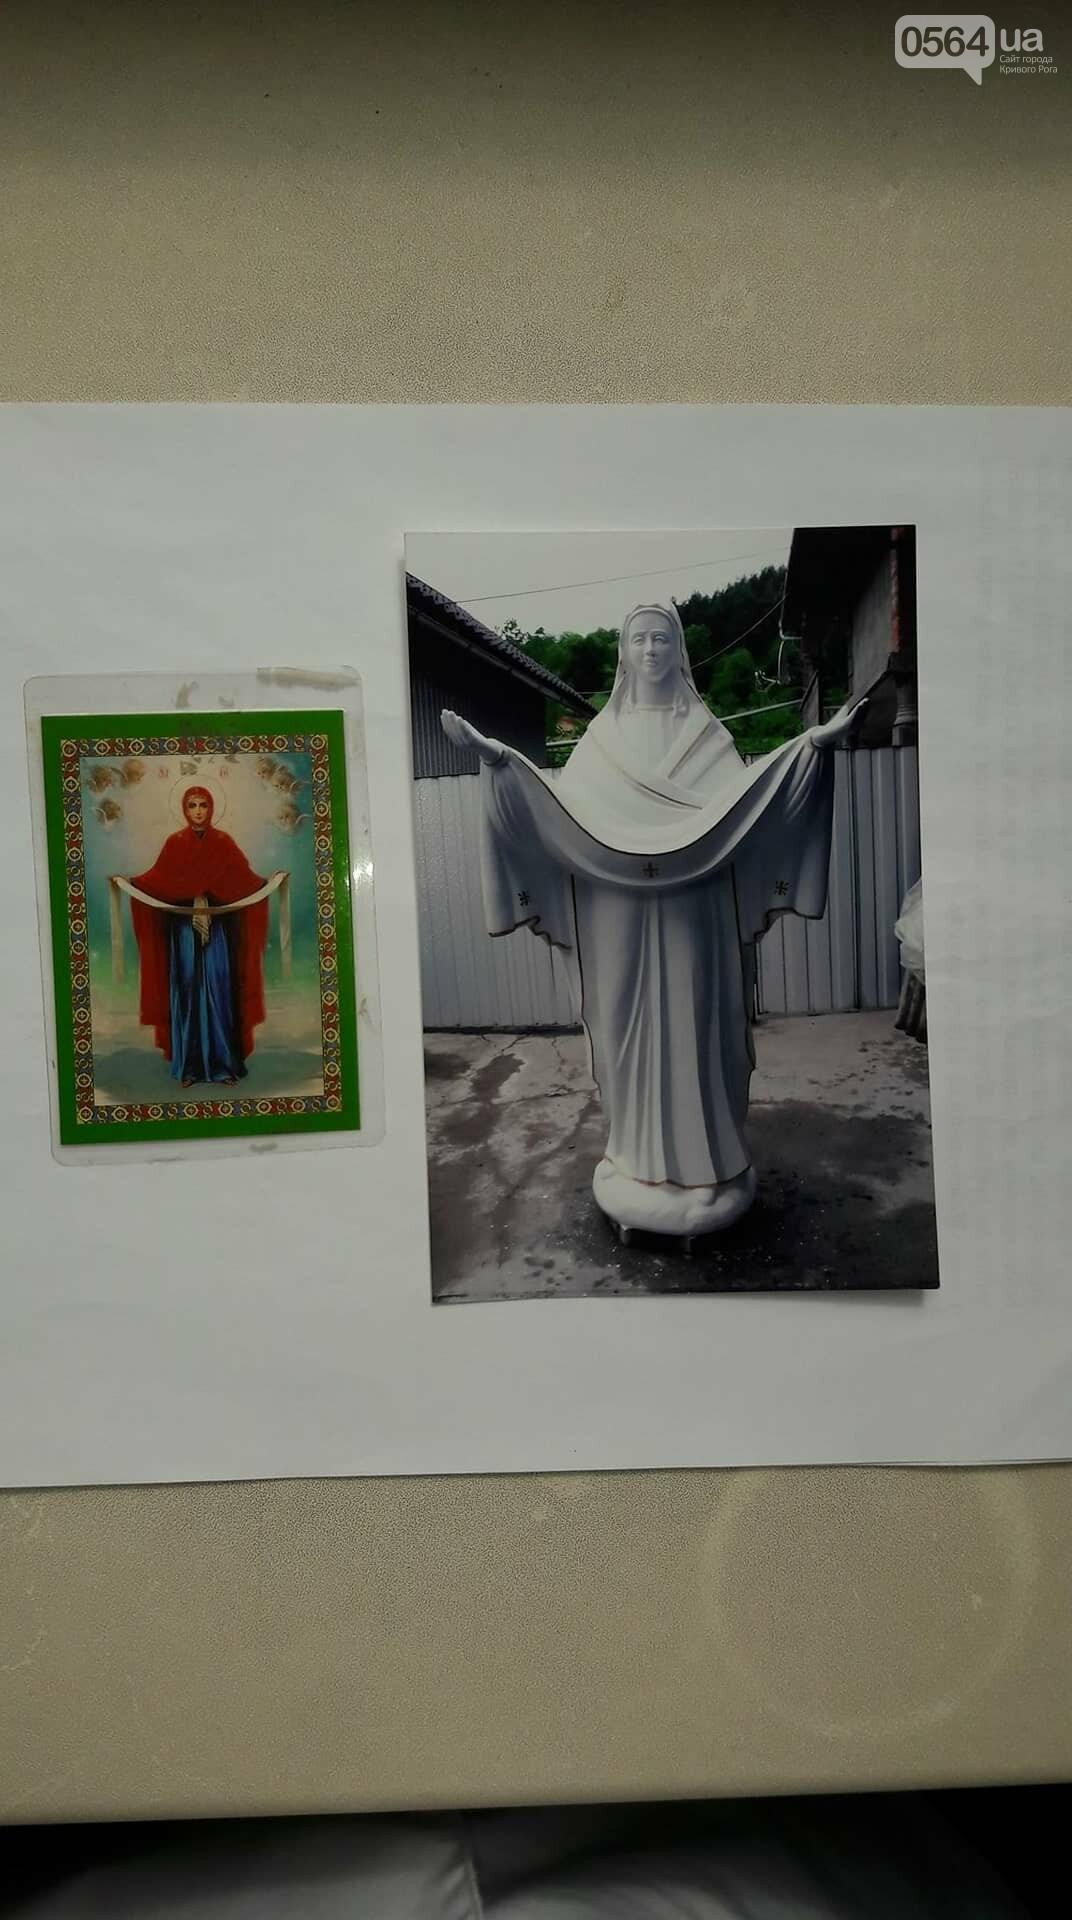 """В Кривом Роге сначала отвергли идею """"свободовцев"""" о скульптуре Покрова, а потом придумали ее сами (ДОКУМЕНТЫ), фото-1"""